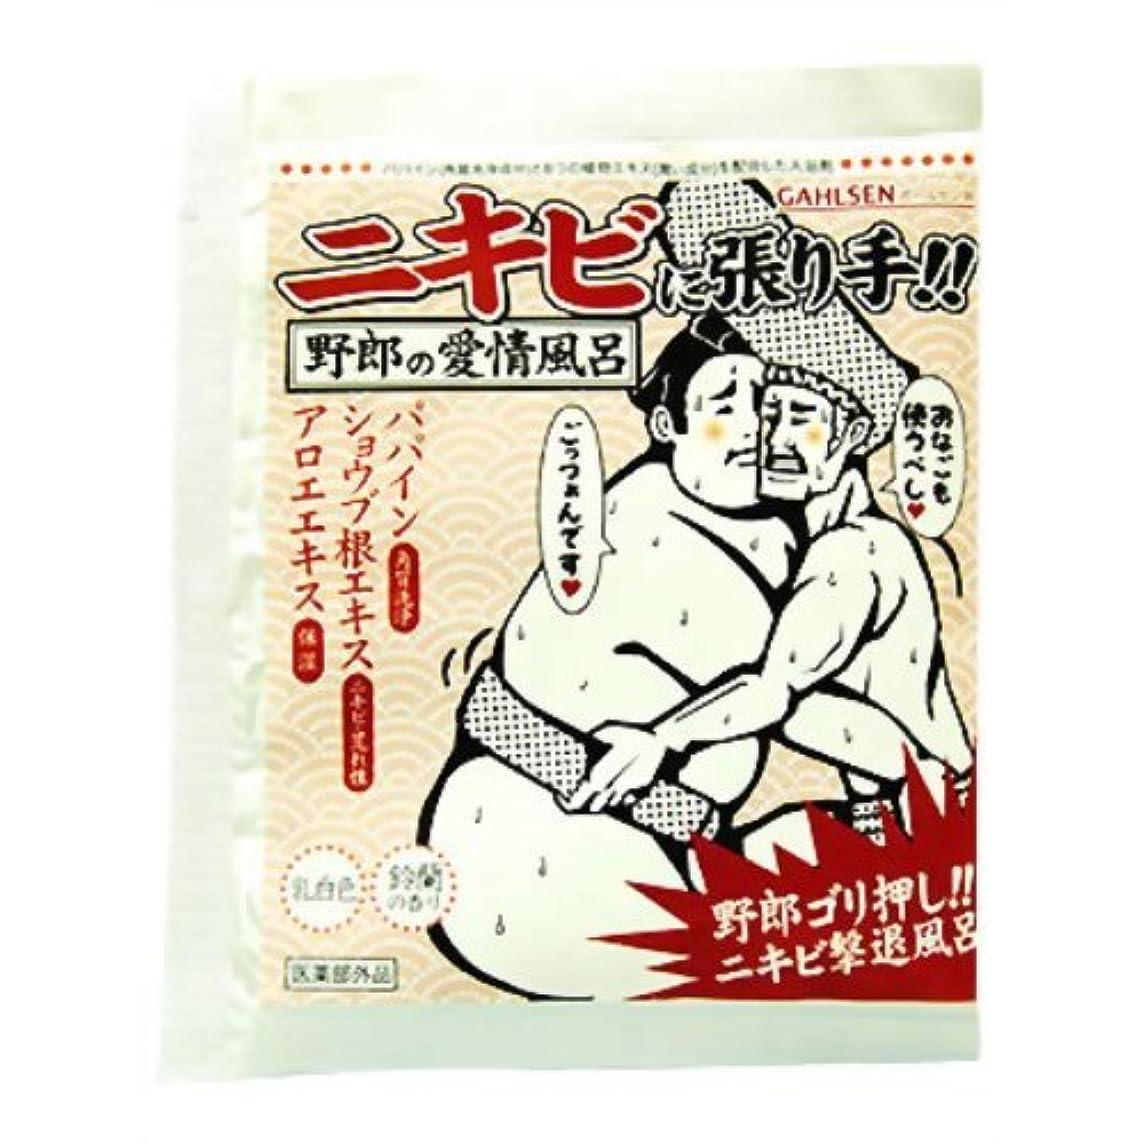 子供達原稿伸ばすガールセンW 25g*10袋(入浴剤)